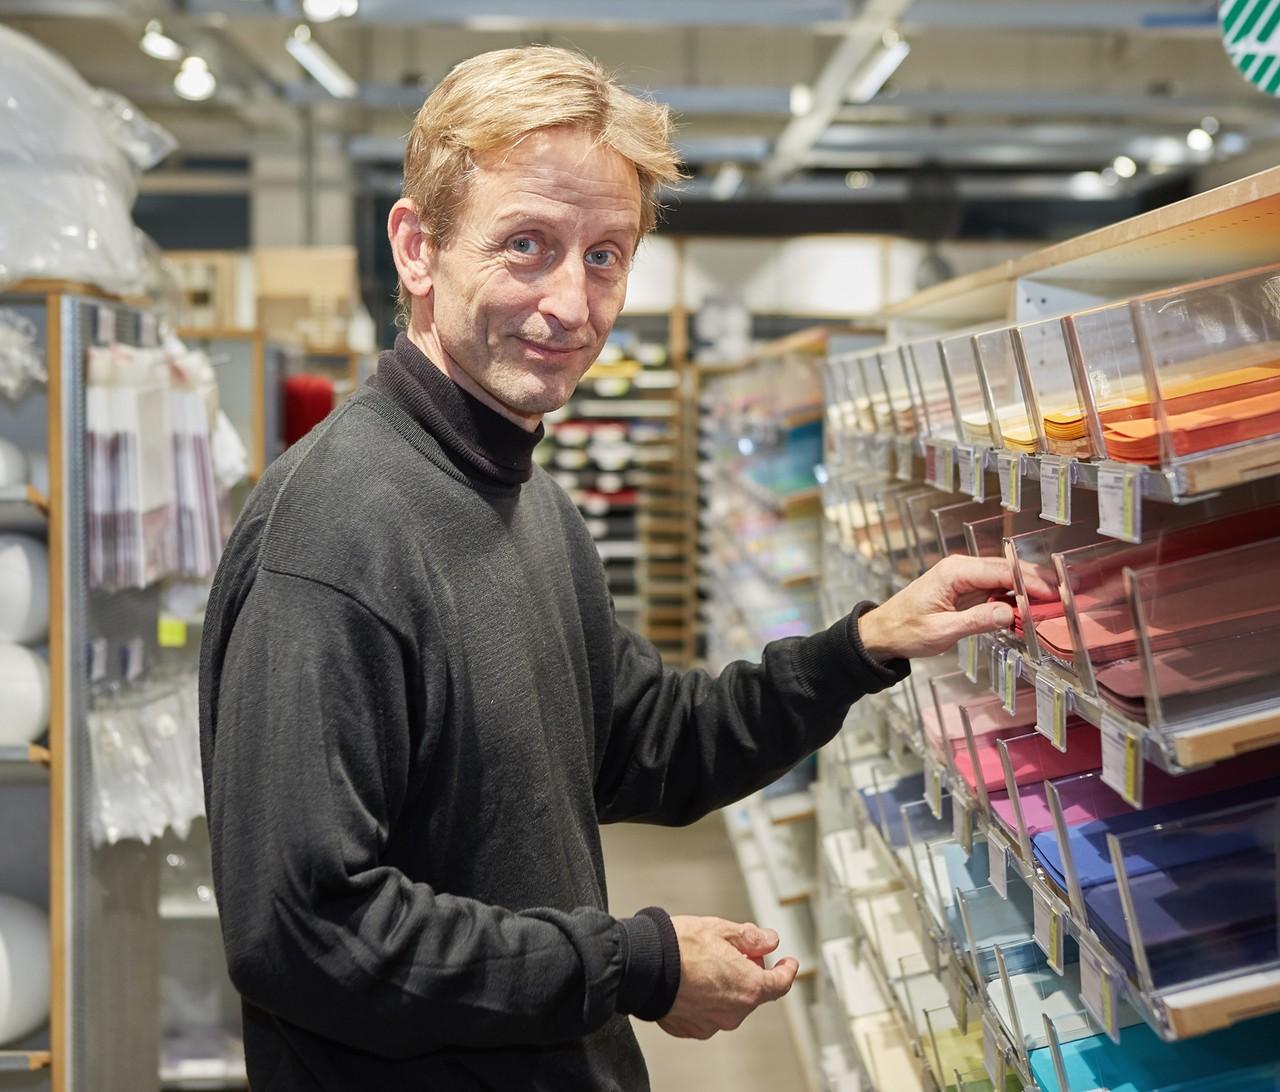 Maßnahmen für ein klimafreundlicheres Modulor: Das steht laut Modulor Geschäftsführer Christof Struhk aktuell ganz oben auf der Agenda